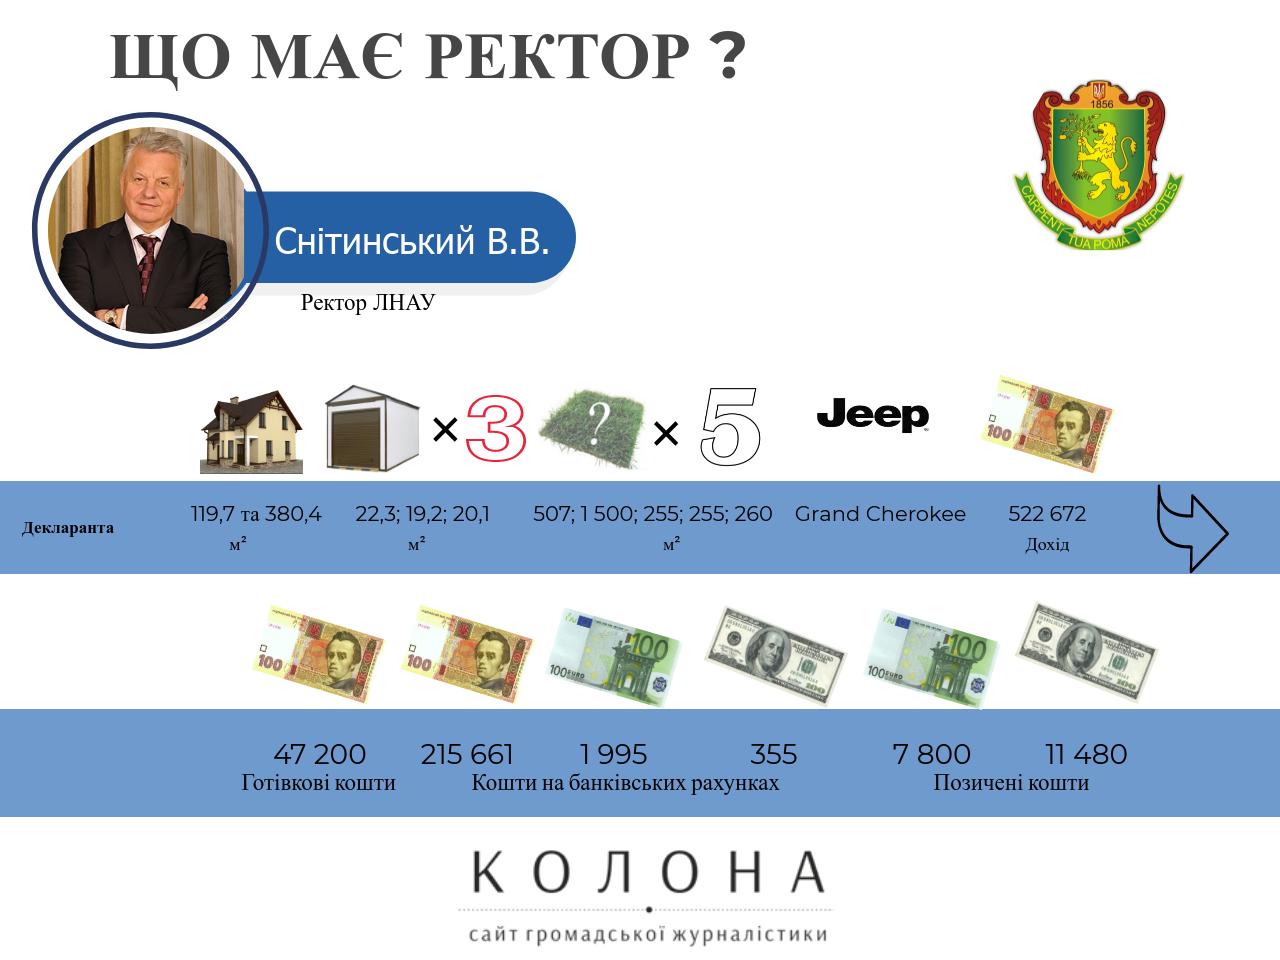 Снітинський Володимир Васильович